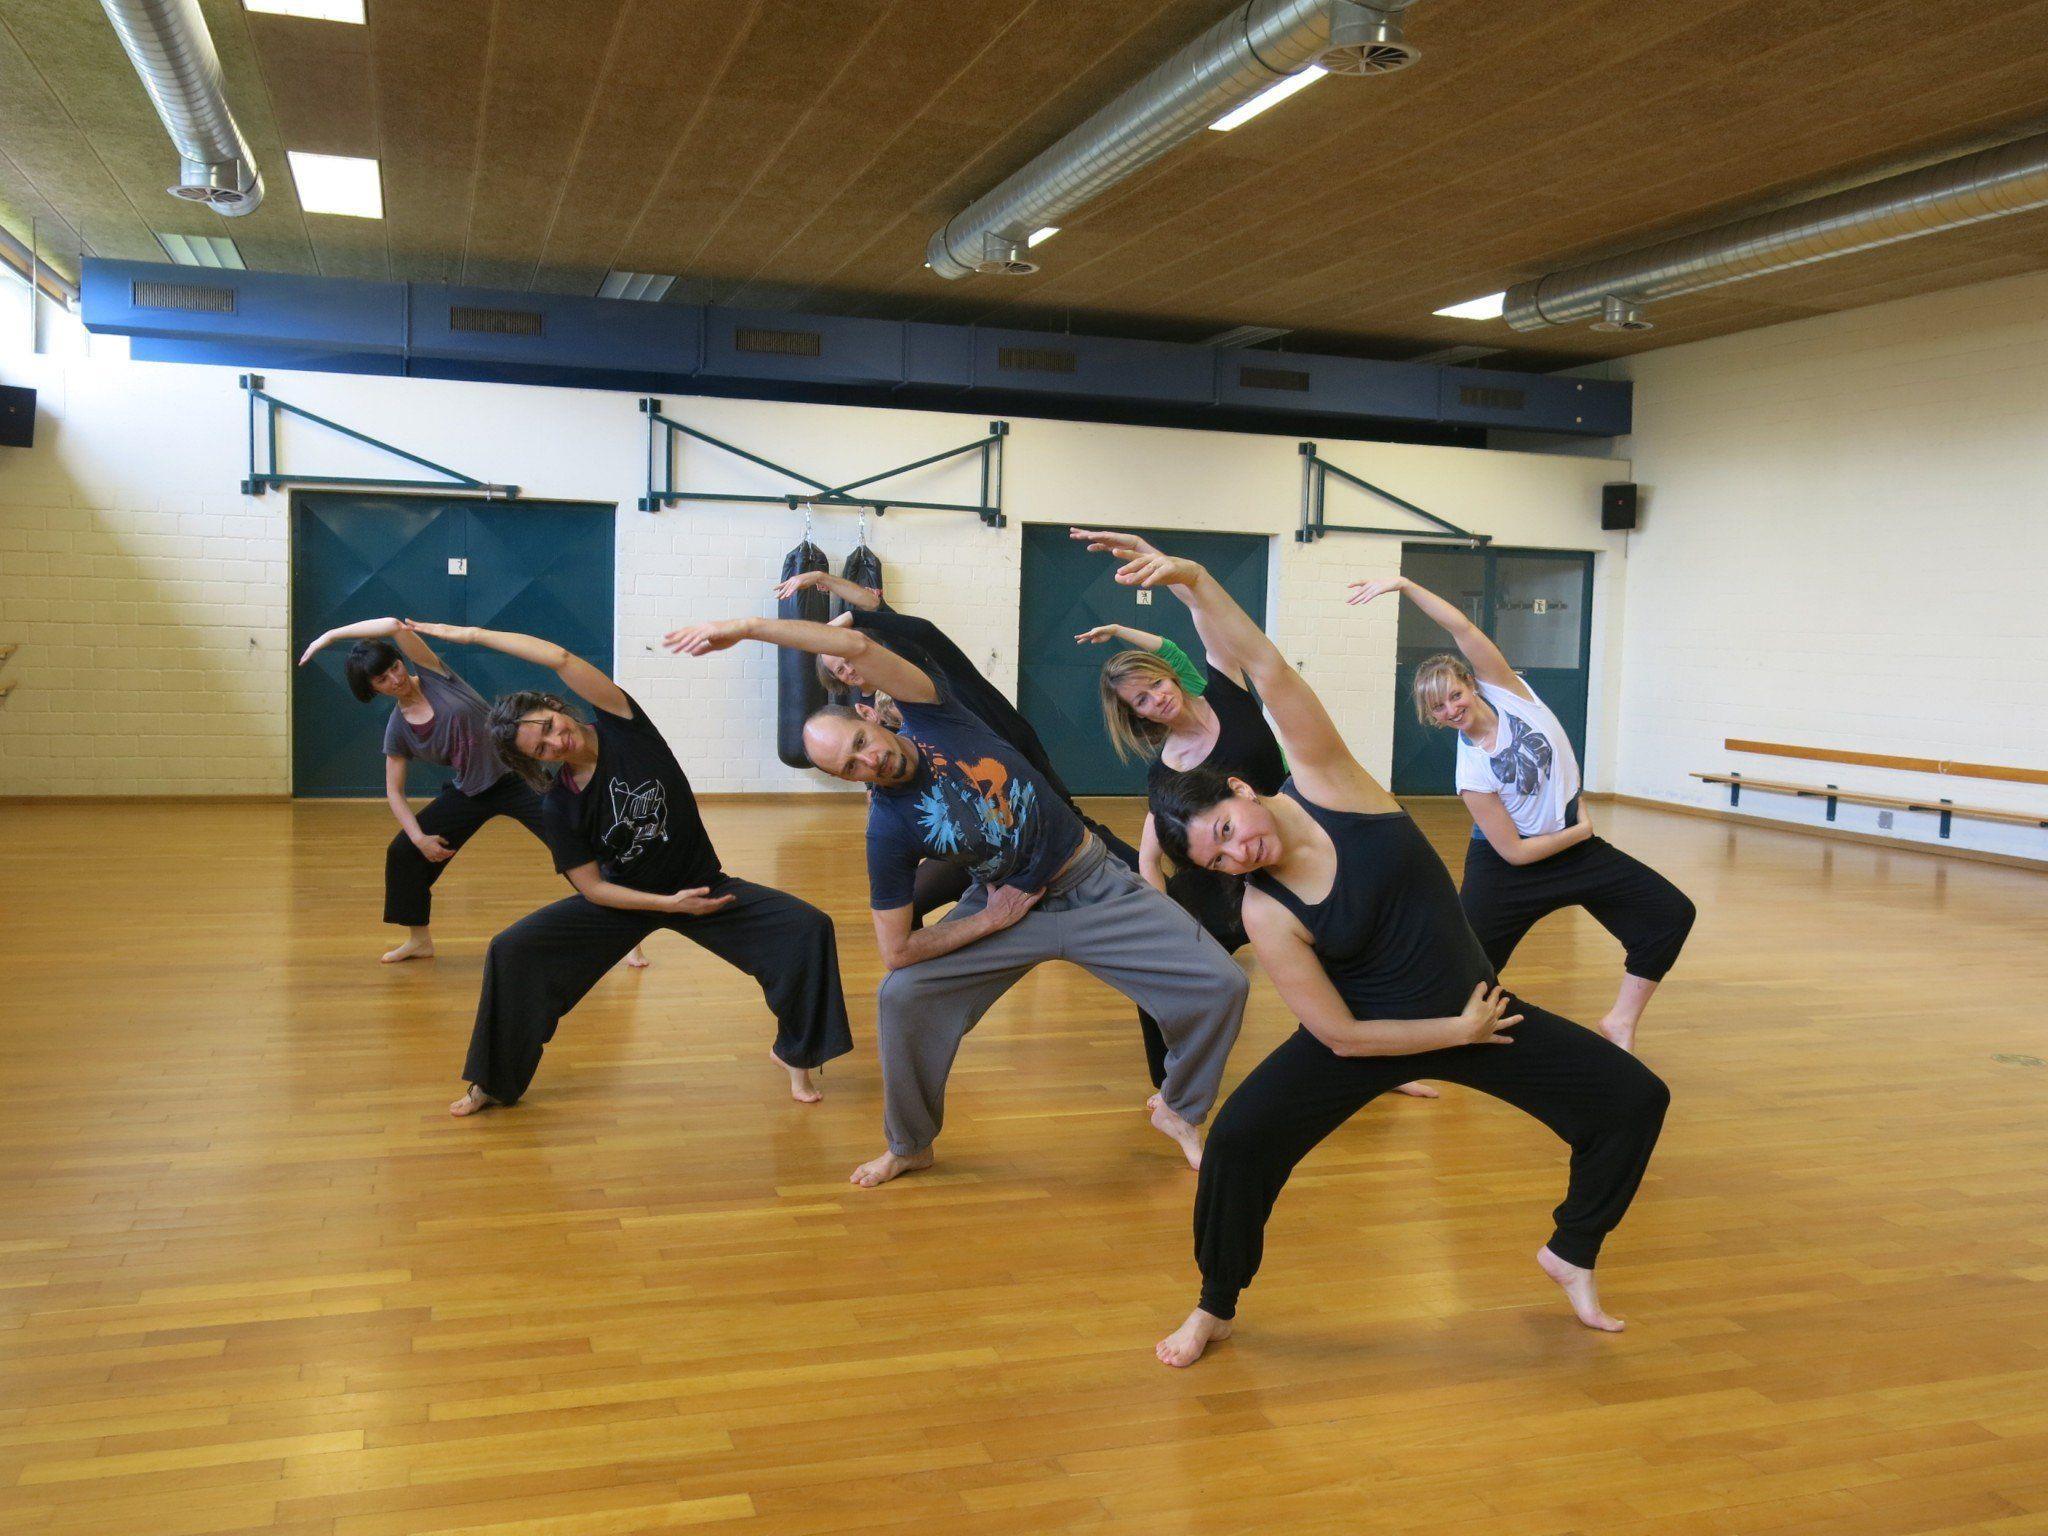 Die Tänzer und Tänzerinnen zeigen in den Trainingsstunden vollen Einsatz